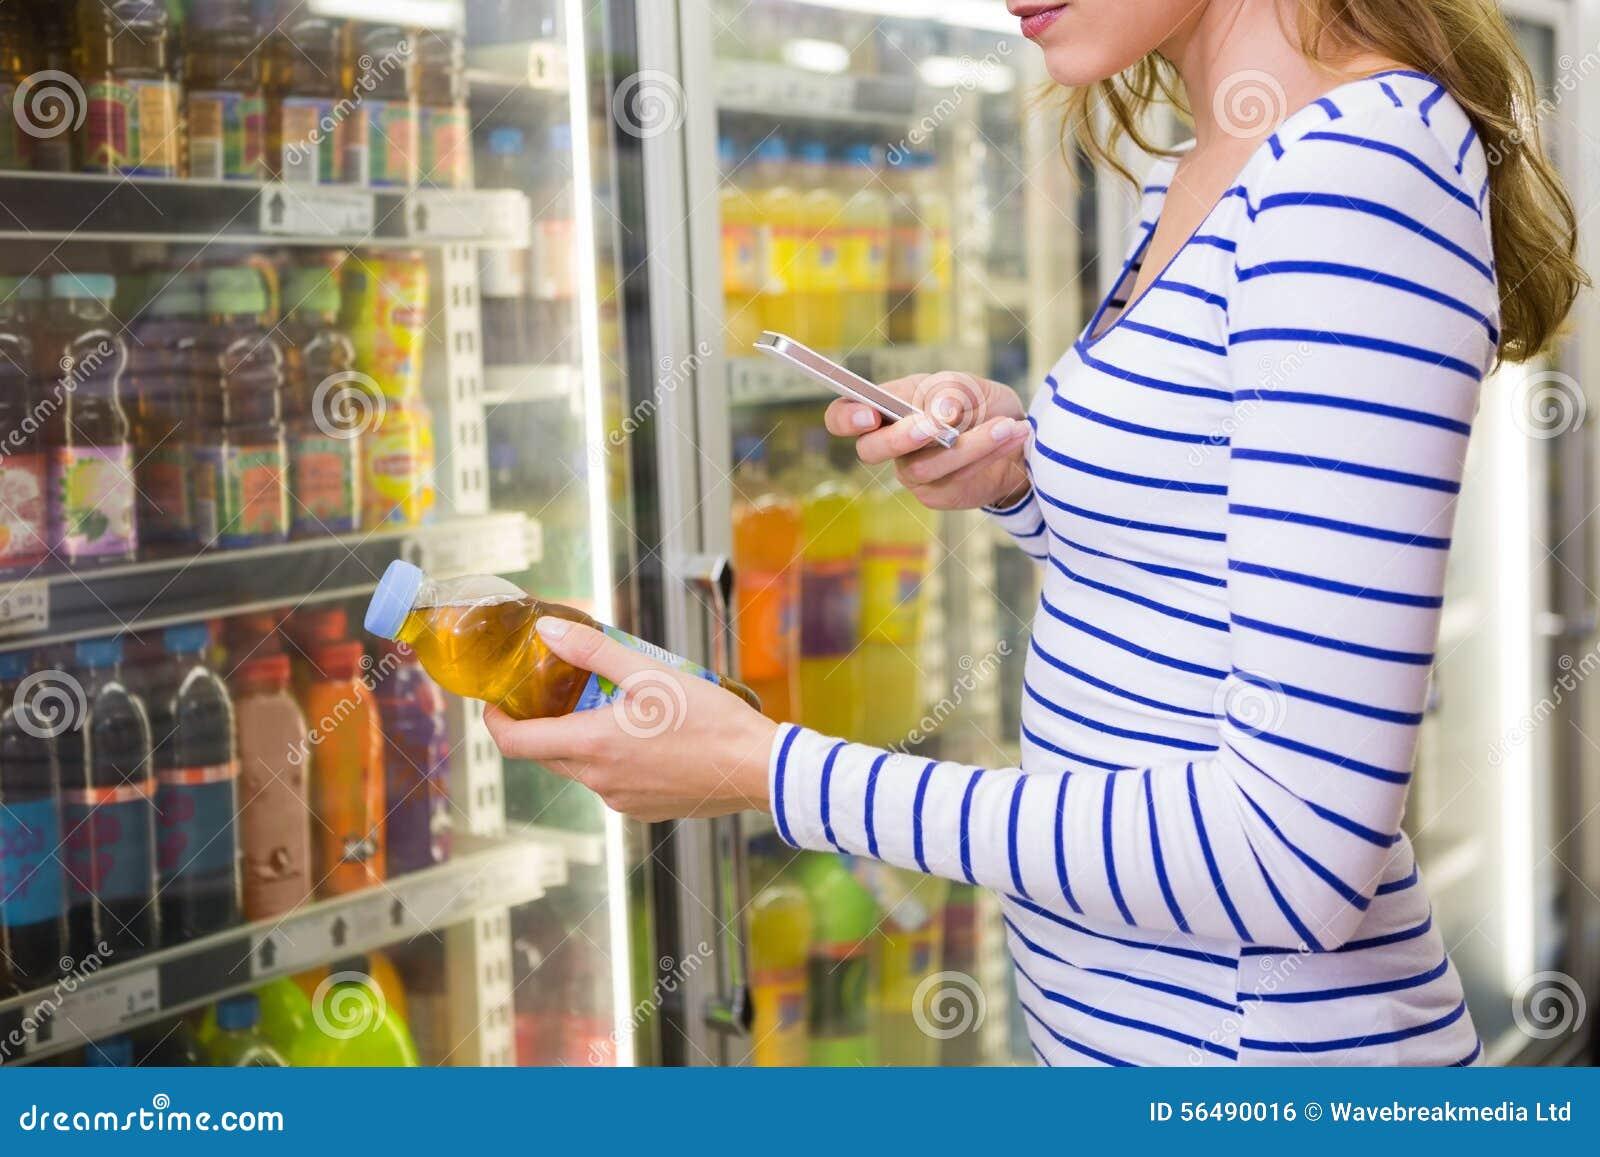 Jolie femme prenant la photo de la bouteille